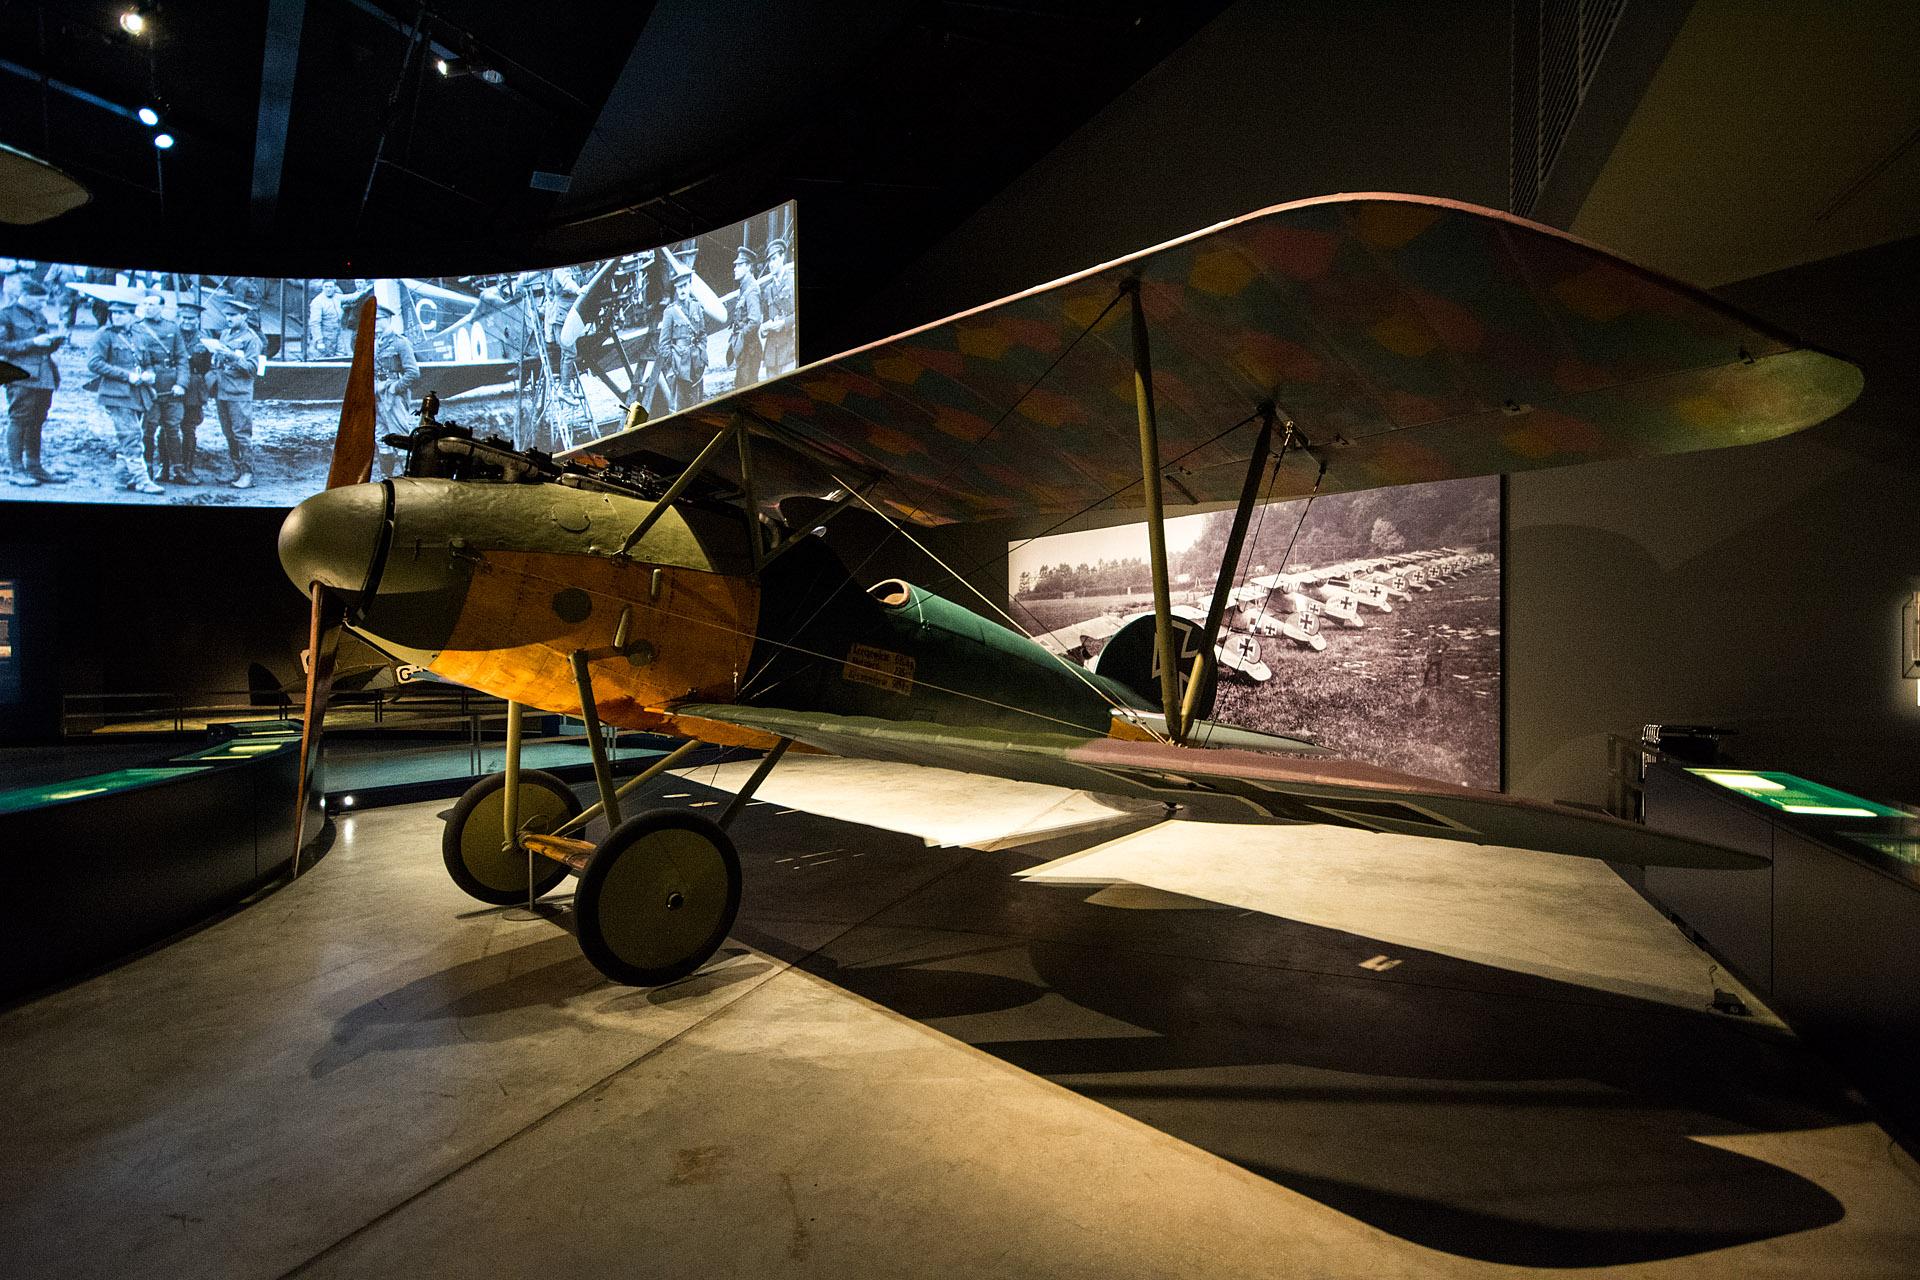 German Albatros (WWI fighter)